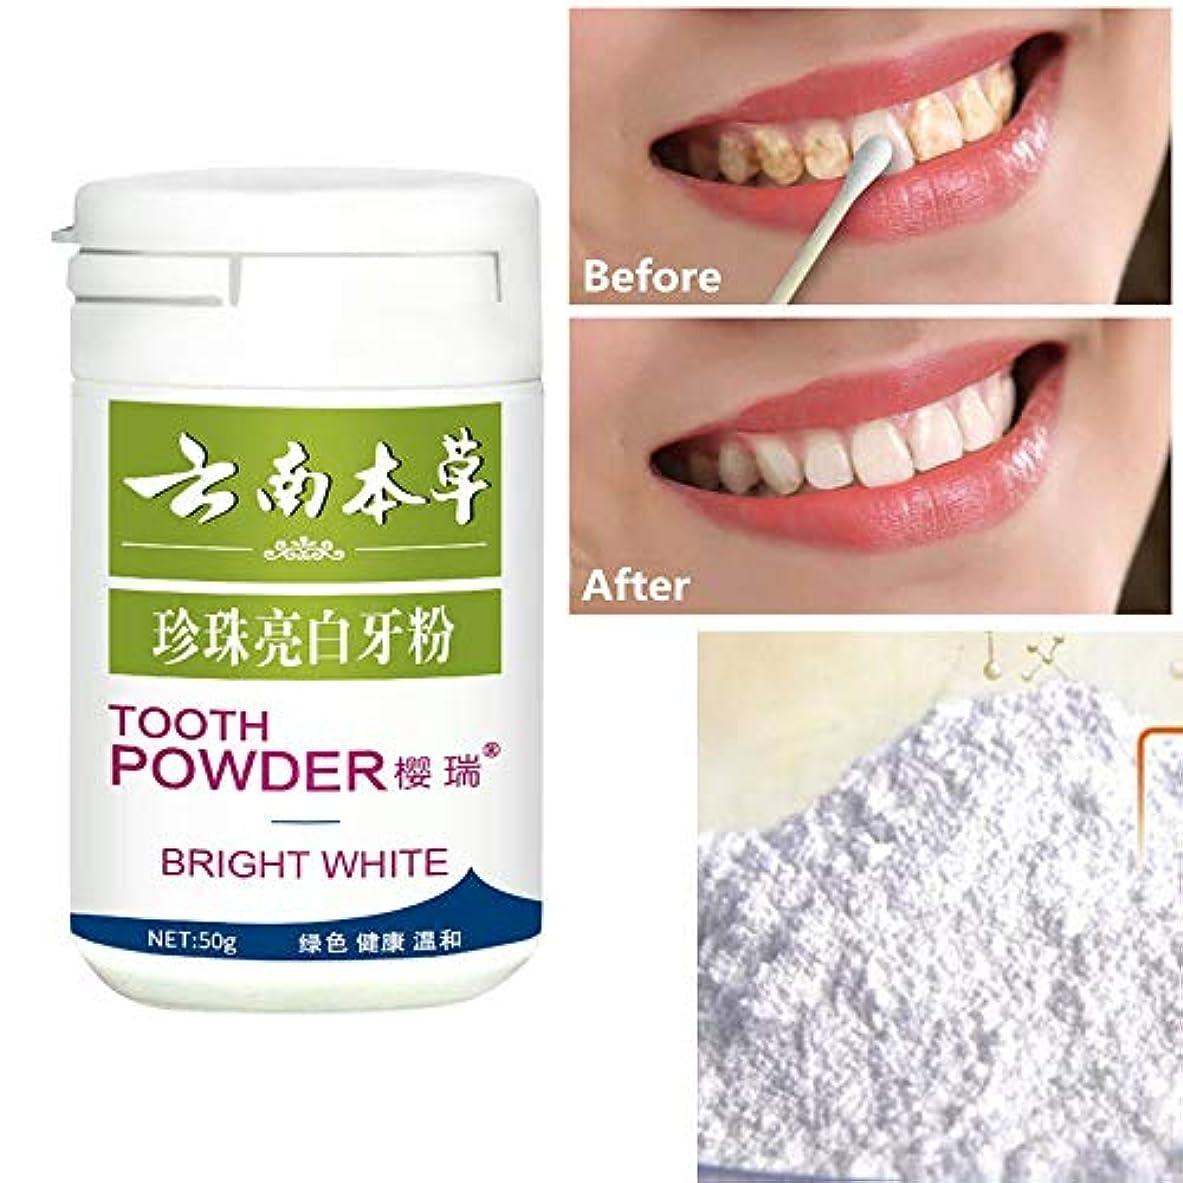 クリップバルブアラート50gホワイトニング歯のケア口臭を除去するプラーク歯磨き粉粉末をきれいにする歯の歯石の歯石除去の汚れ